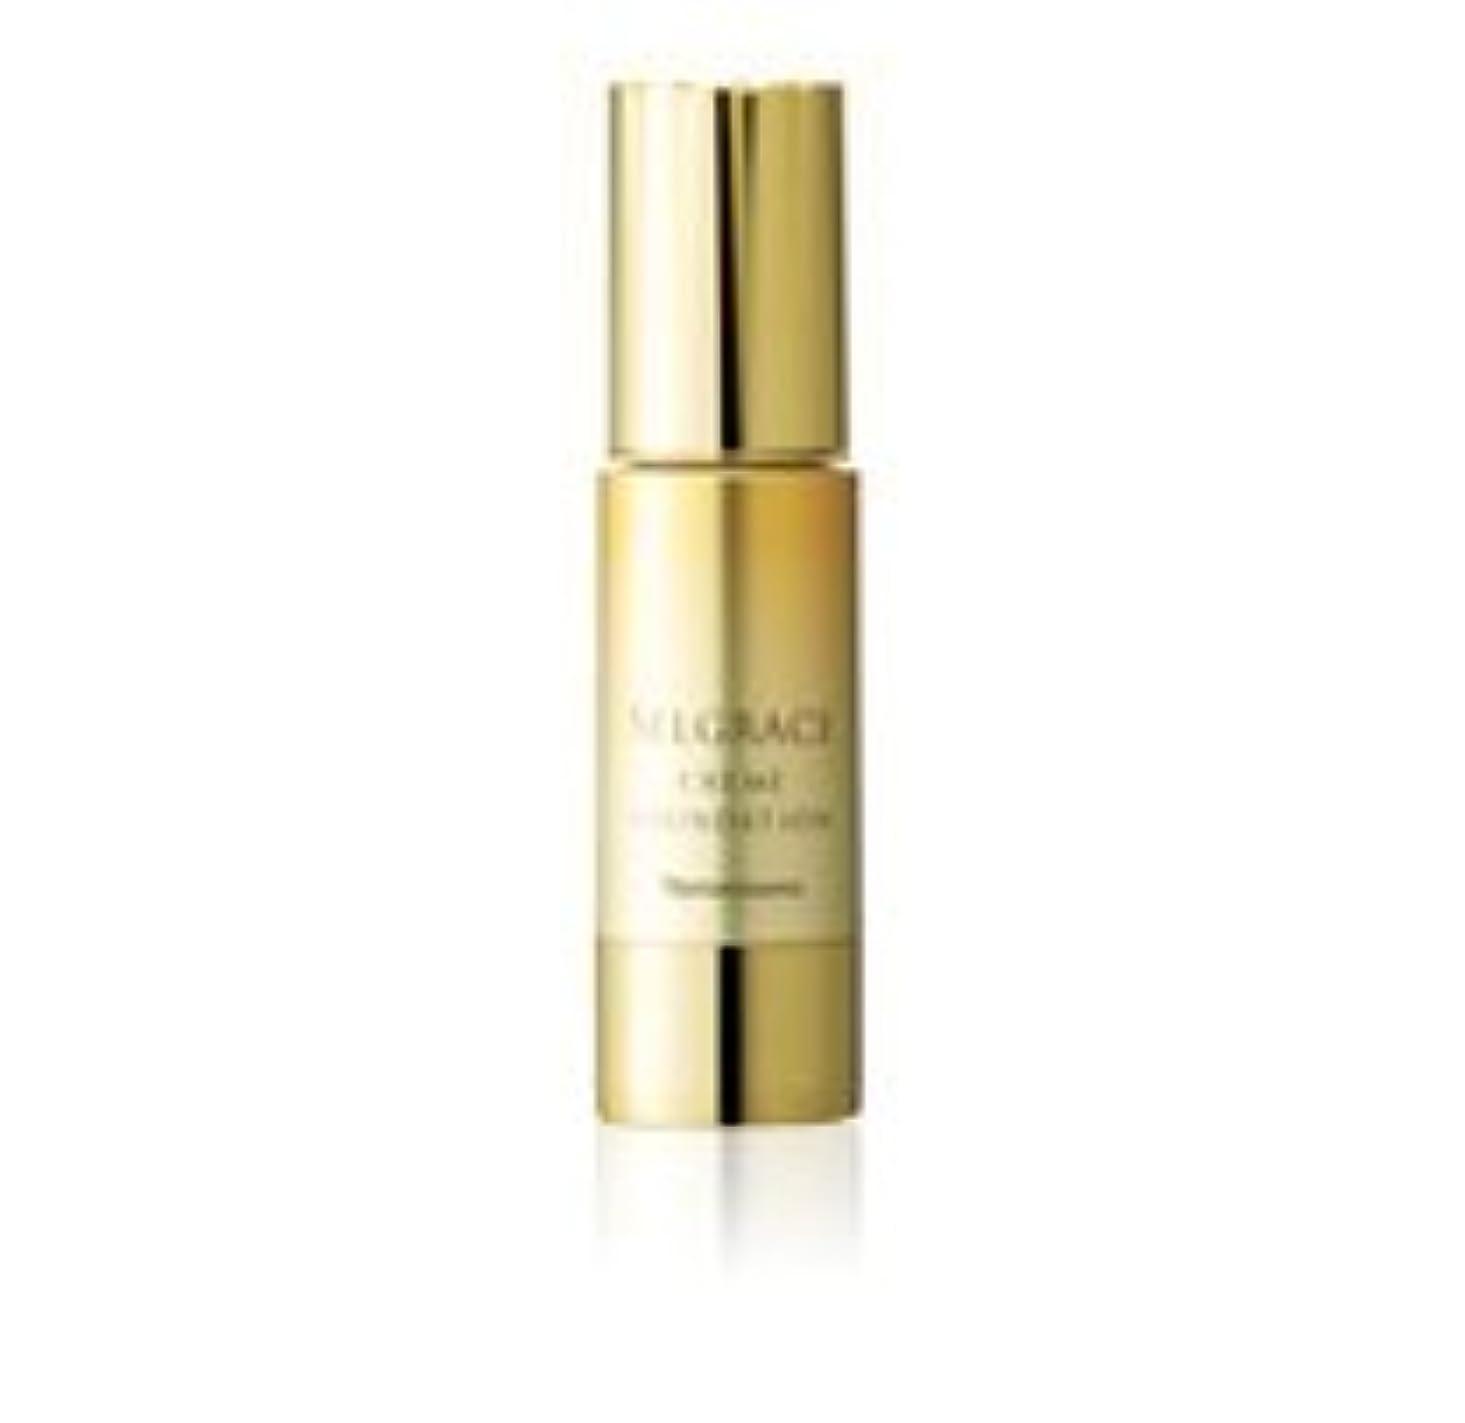 日記特異性贅沢なナリス化粧品セルグレース リアリジョン クリームファンデーション30g[SPF20 PA++]130